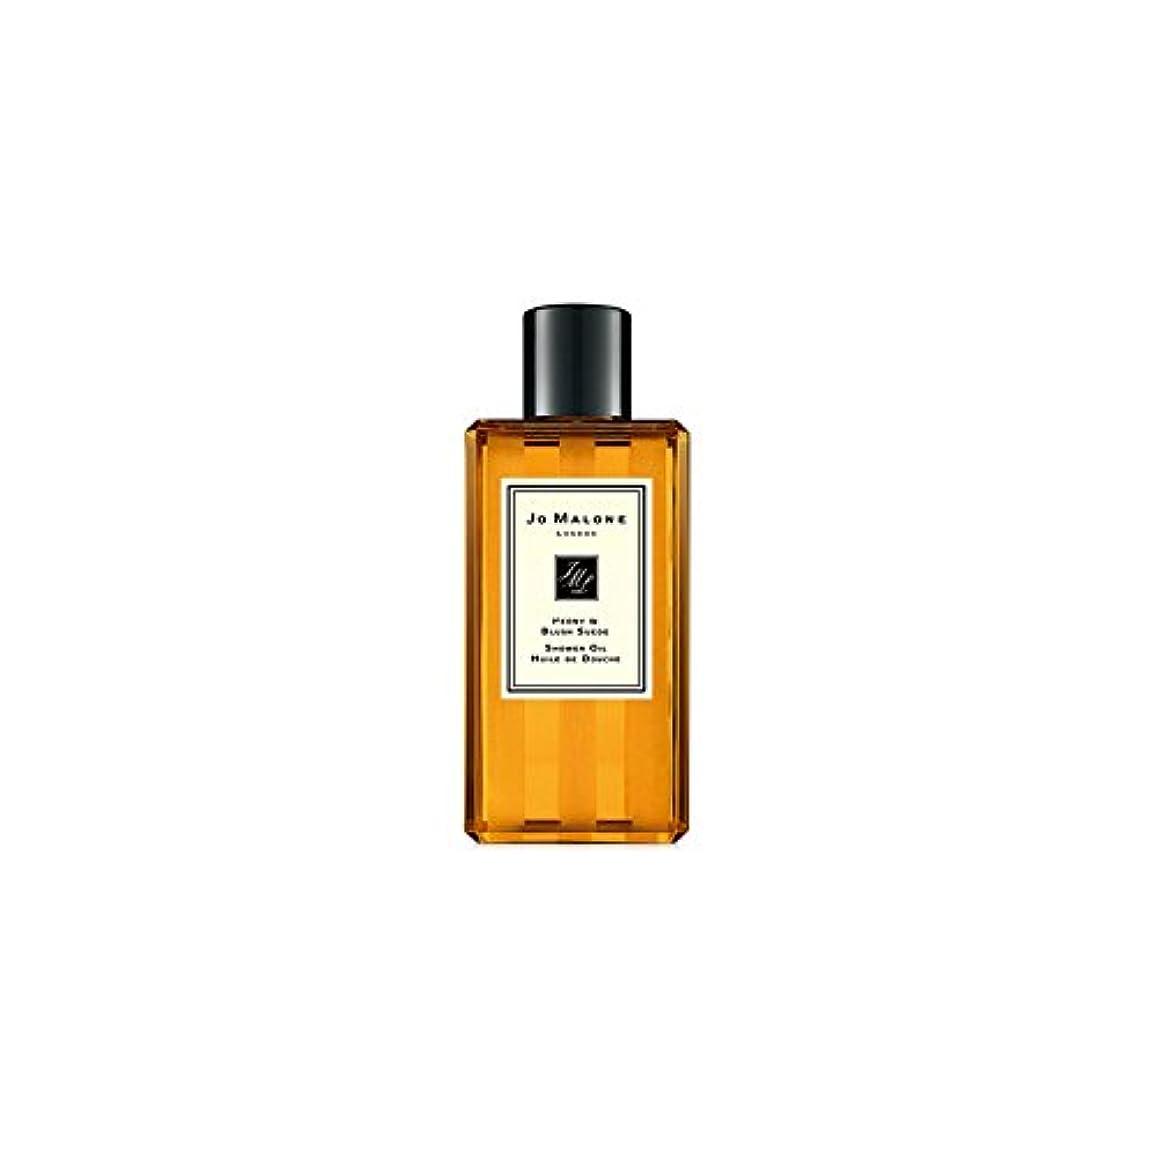 幾何学休日に暫定Jo Malone Peony & Blush Suede Shower Oil - 250ml (Pack of 2) - ジョーマローン牡丹&スエードシャワーオイル赤面 - 250ミリリットル (x2) [並行輸入品]